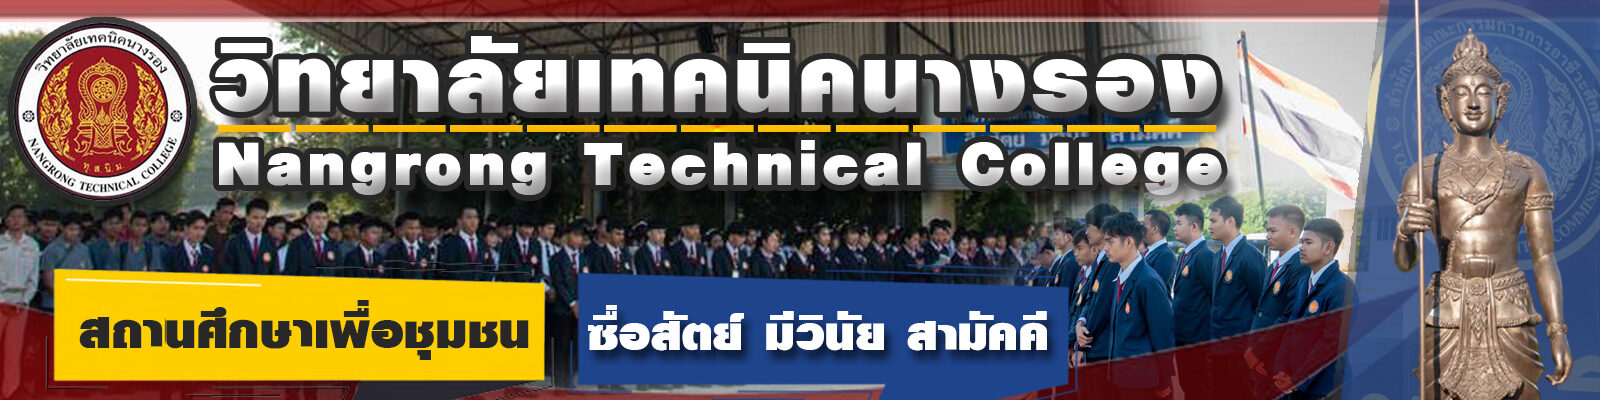 วิทยาลัยเทคนิคนางรอง สถานศึกษาเพื่อชุมชน